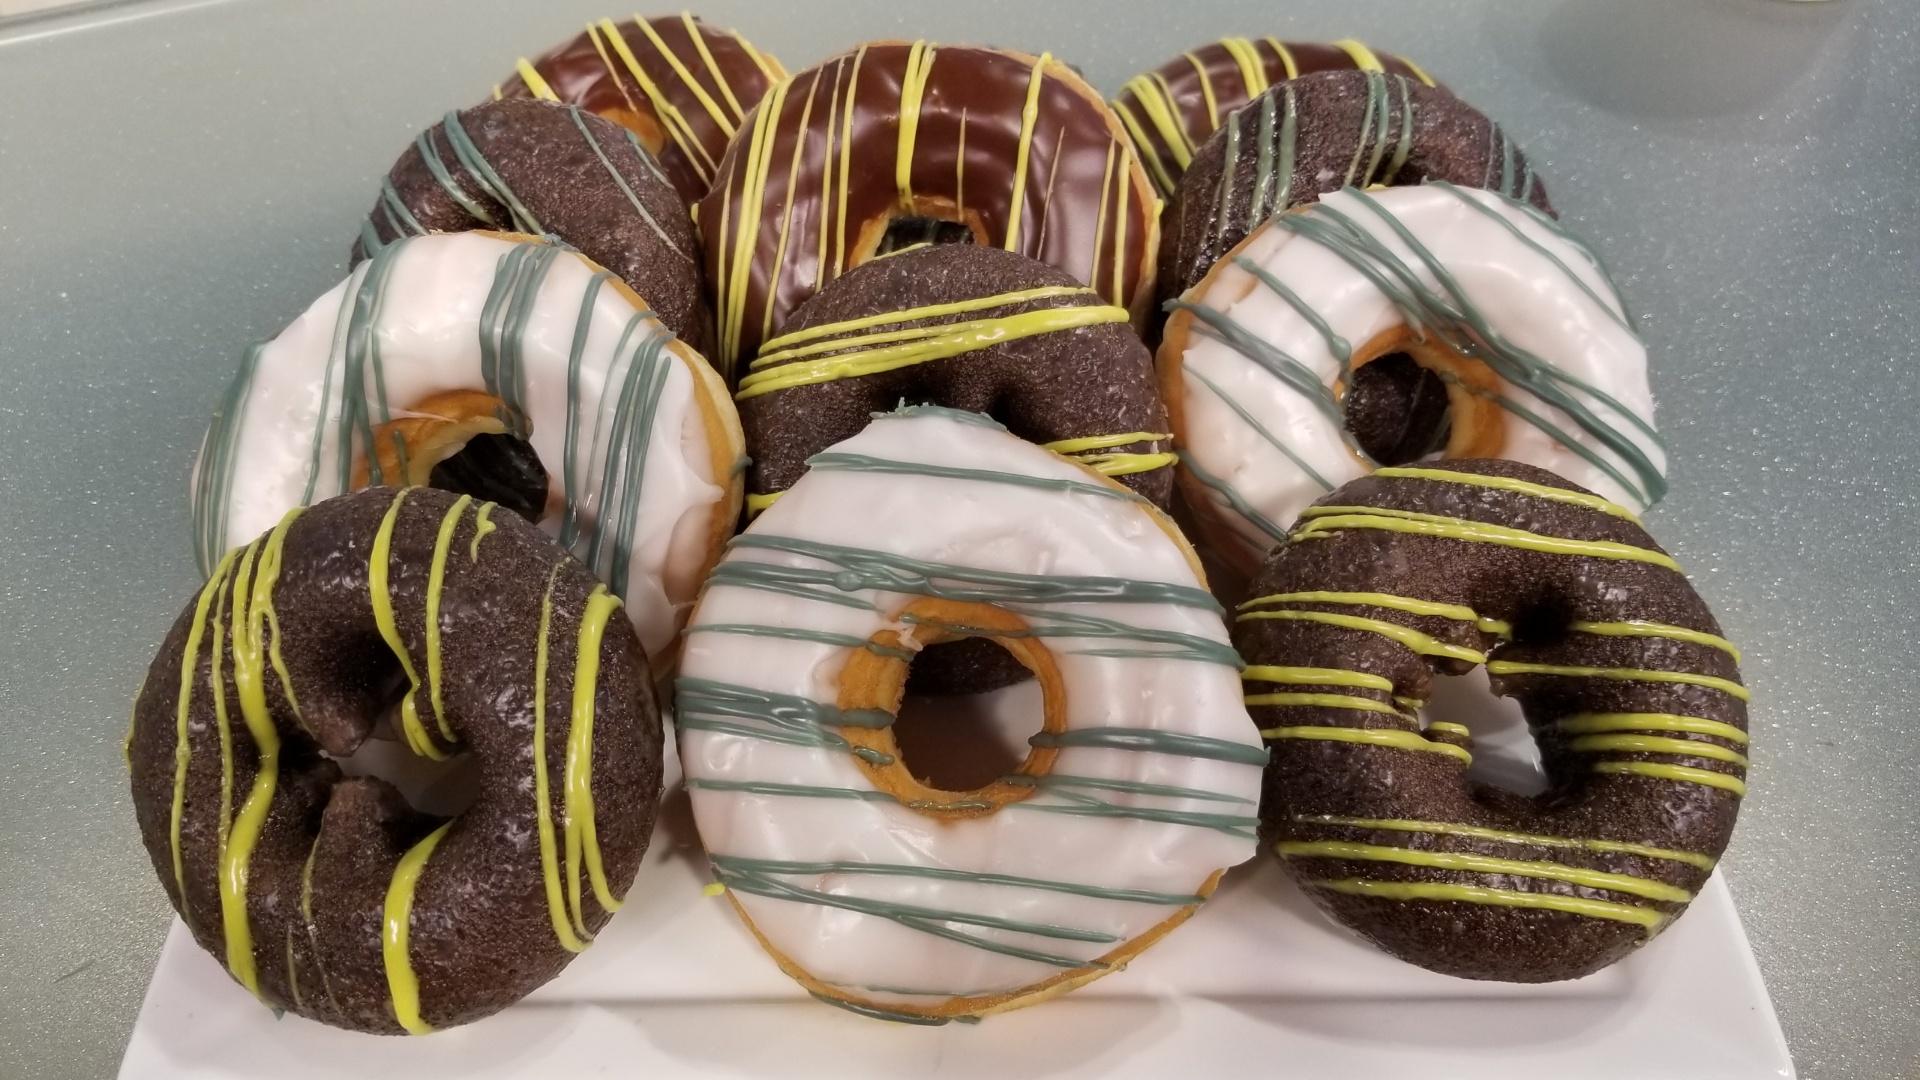 celtics and bruins donuts_1554907704190.jpg.jpg